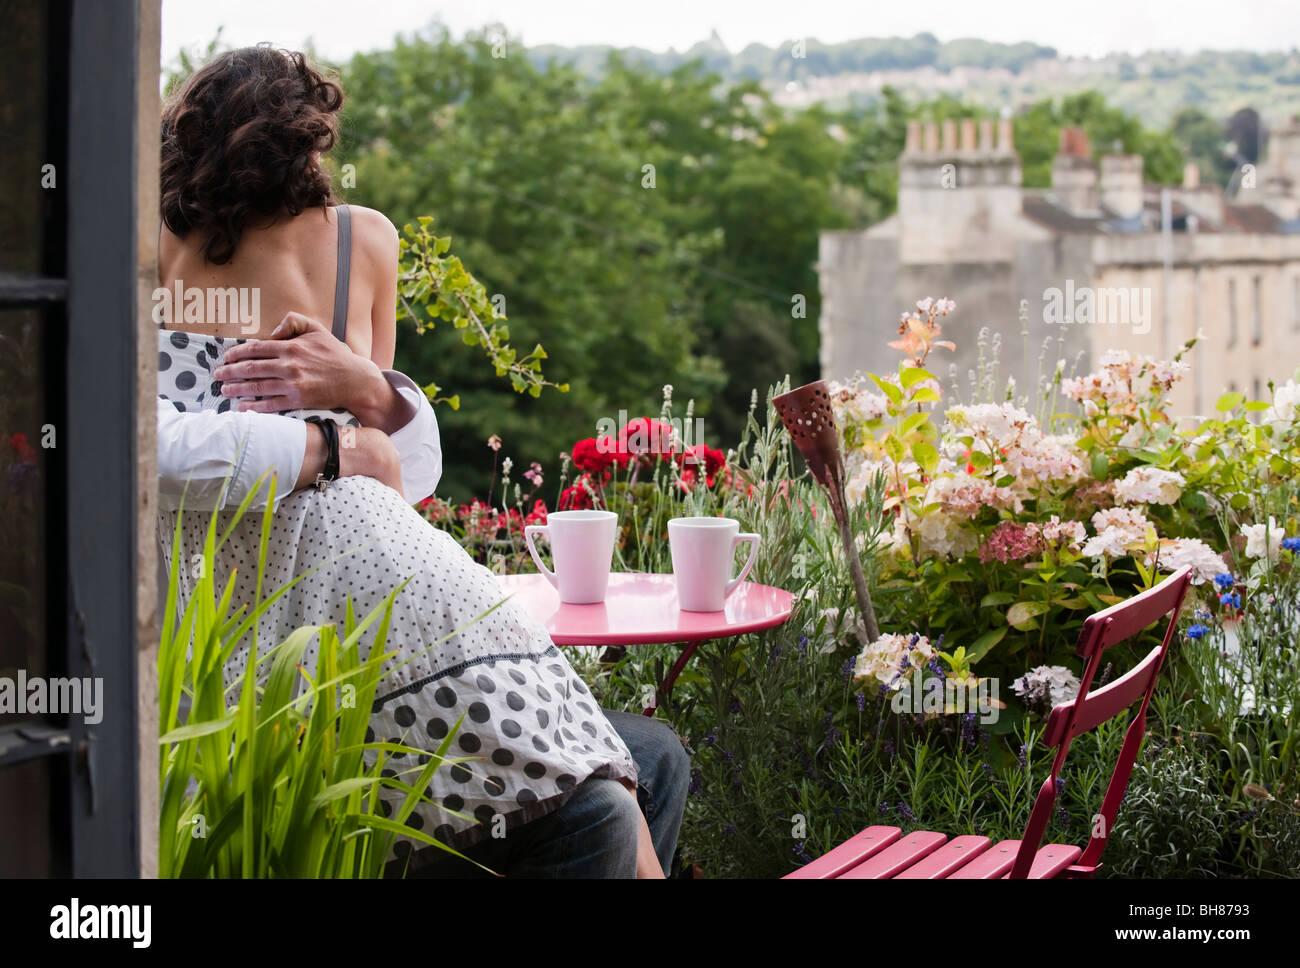 couple hugging on balcony - Stock Image